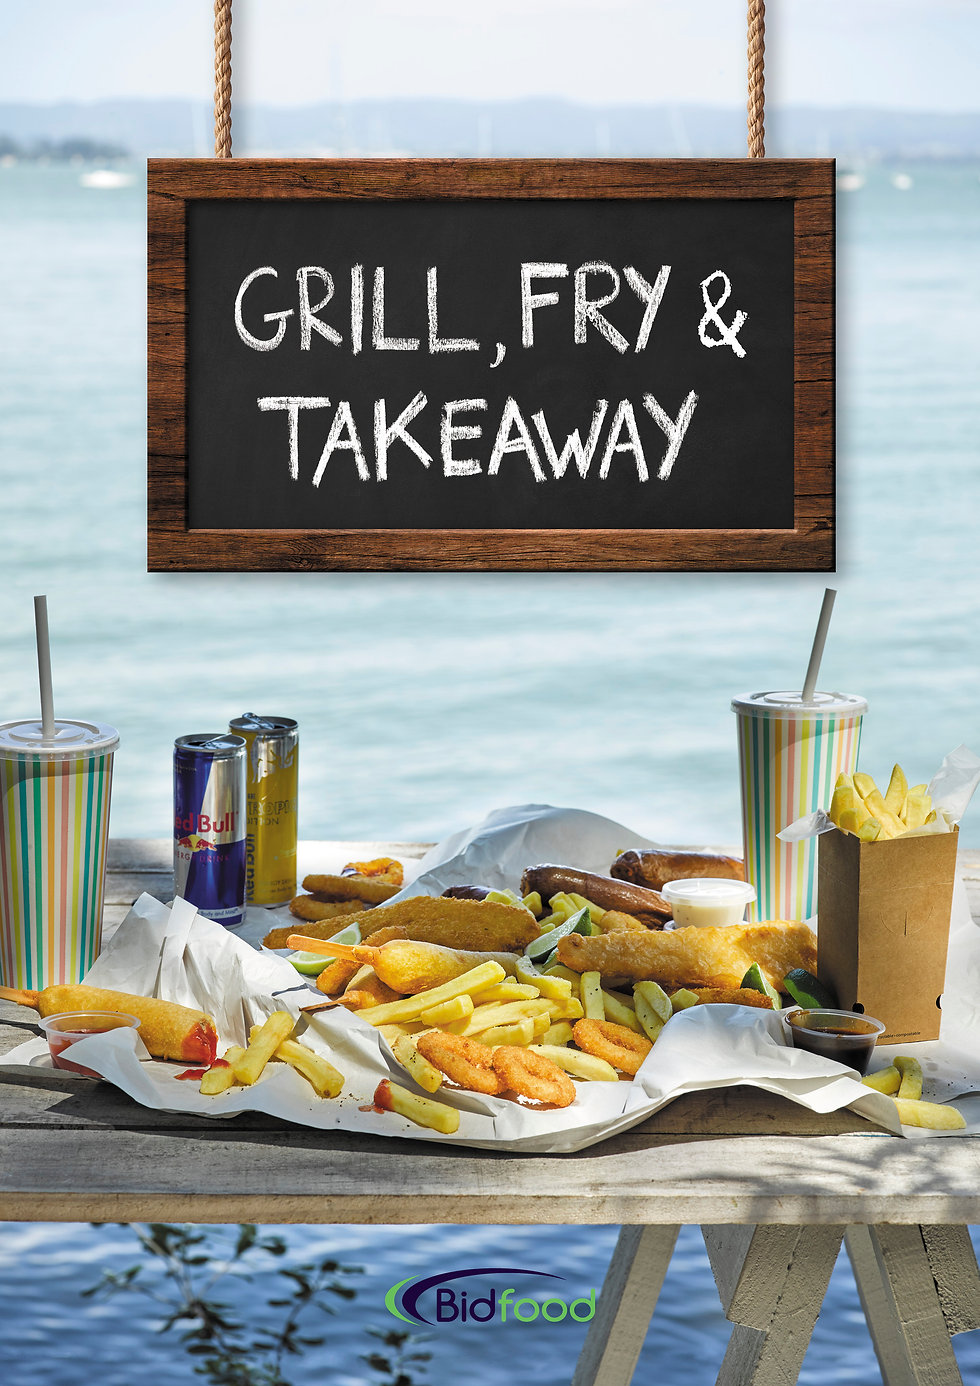 Grill, Fry & Takeaway